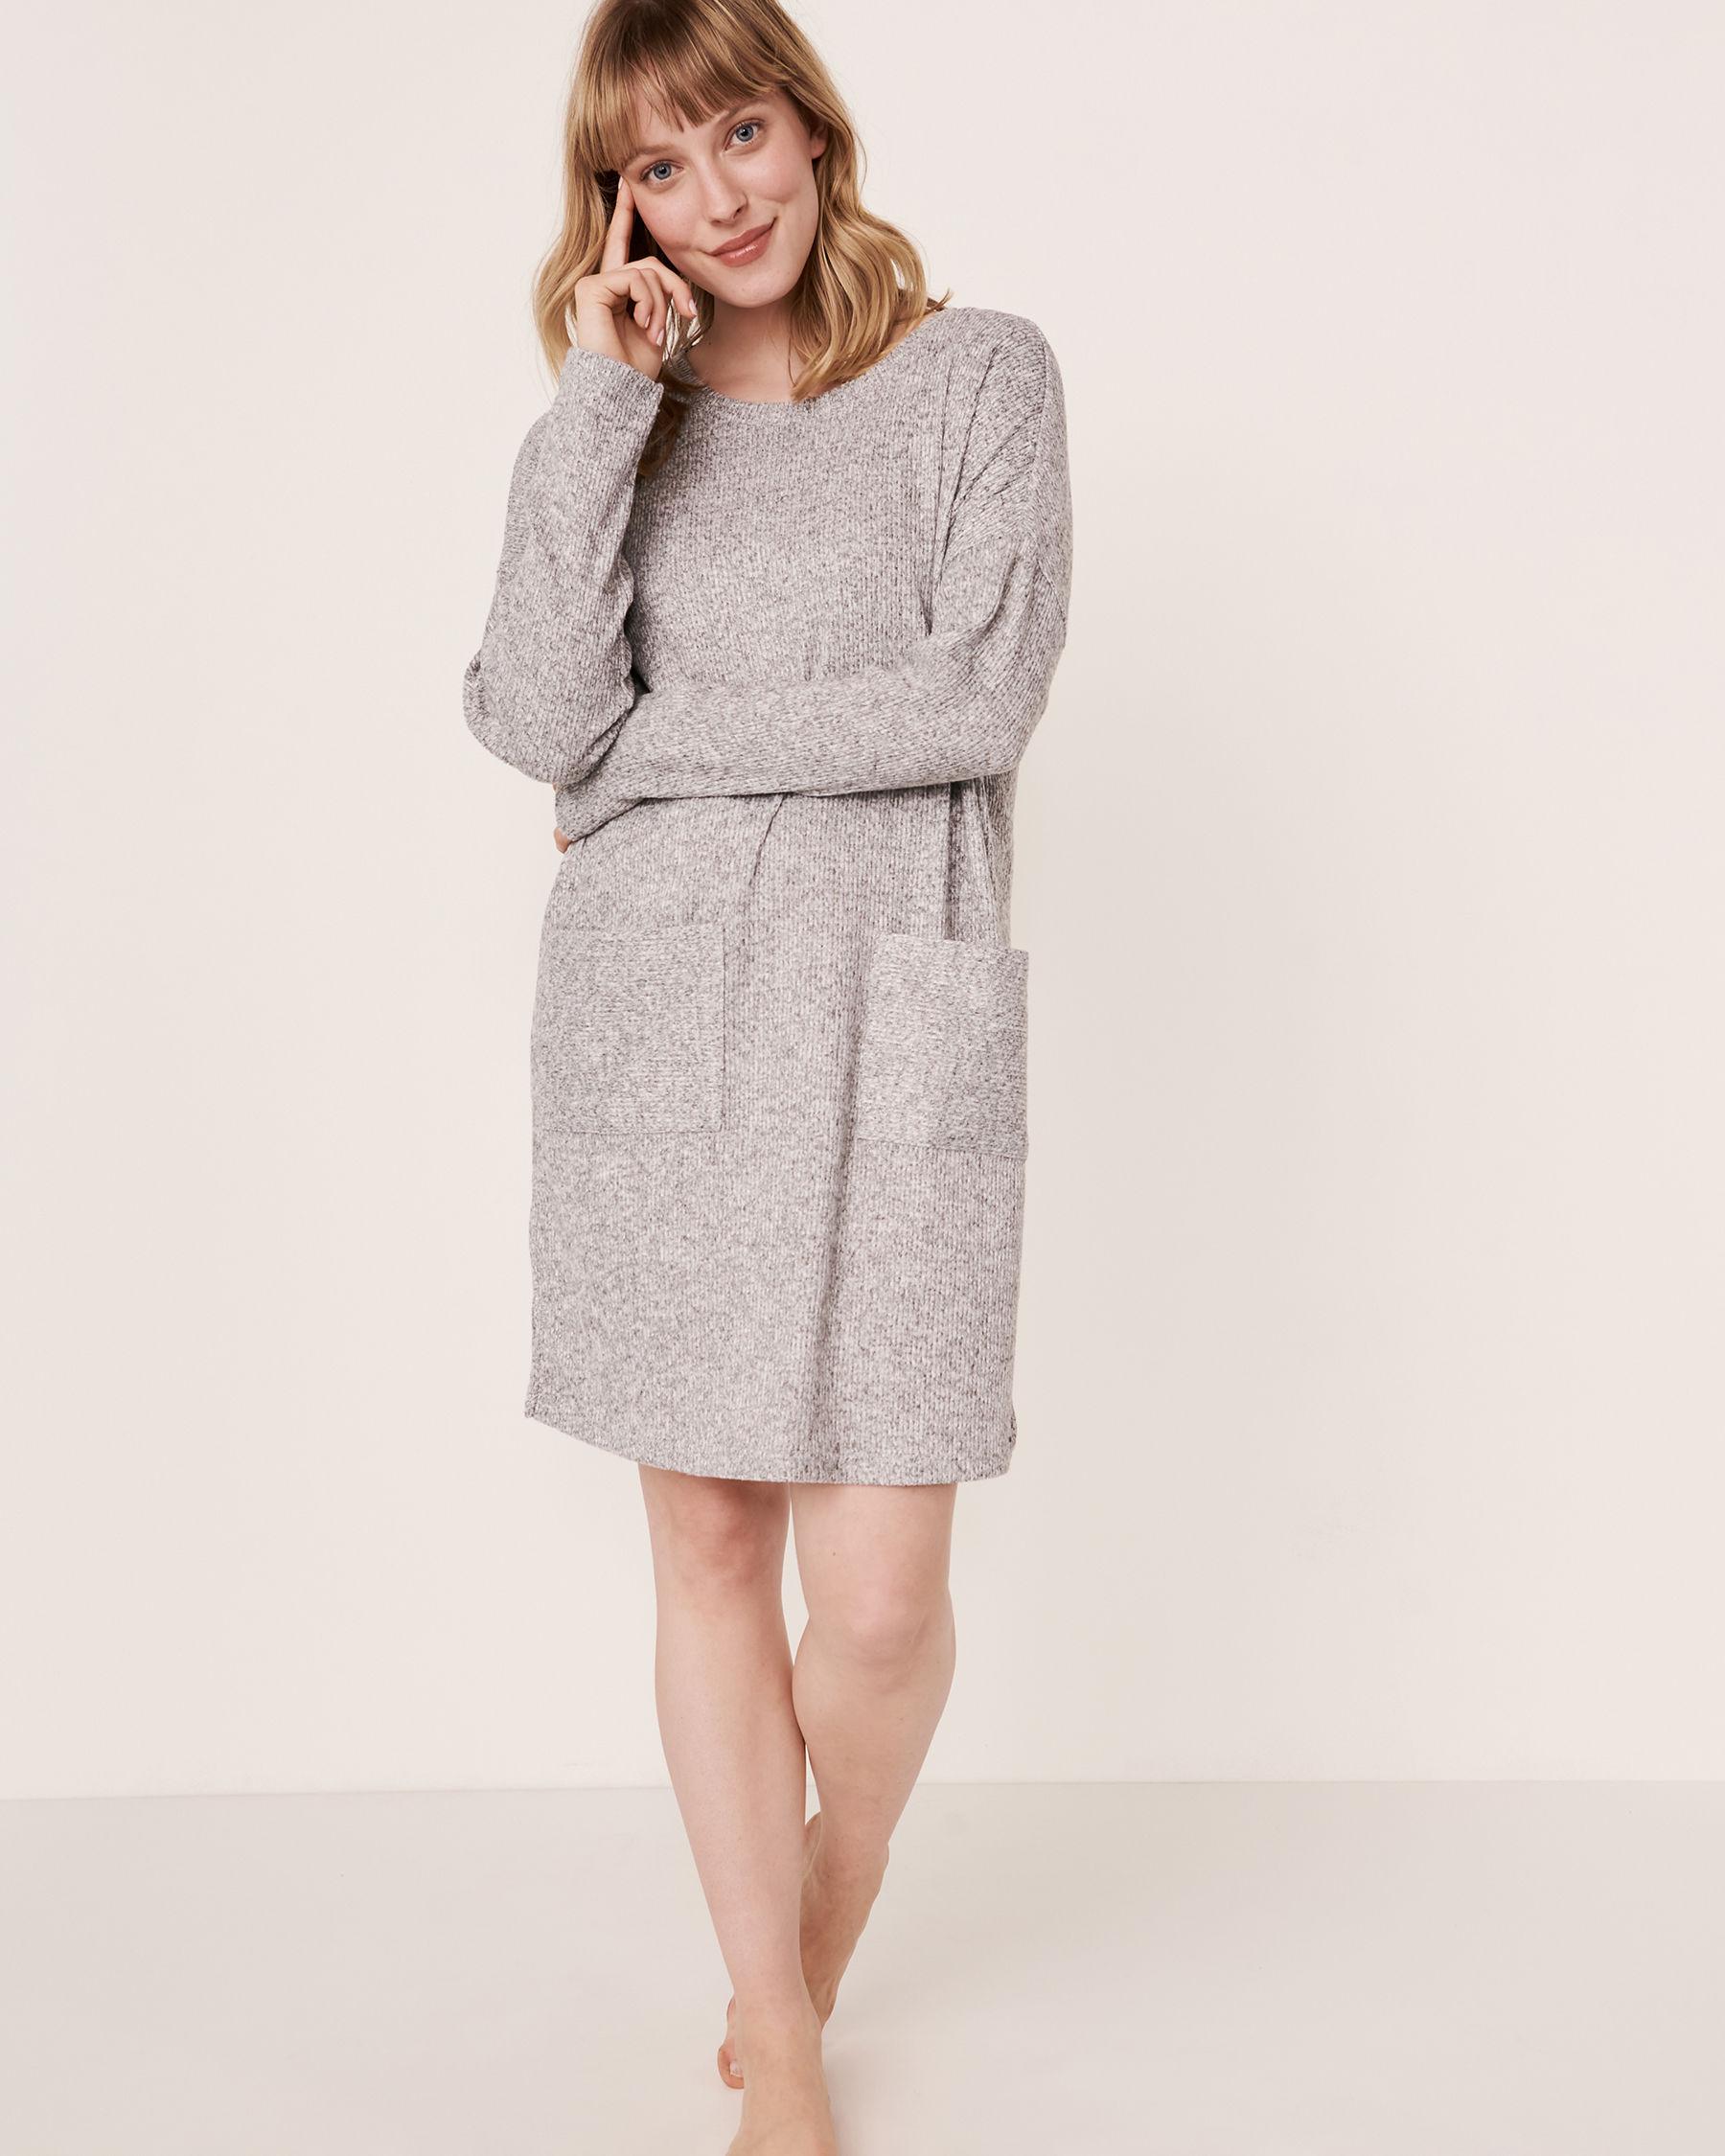 LA VIE EN ROSE Ribbed Long Sleeve Dress Grey 50400008 - View1